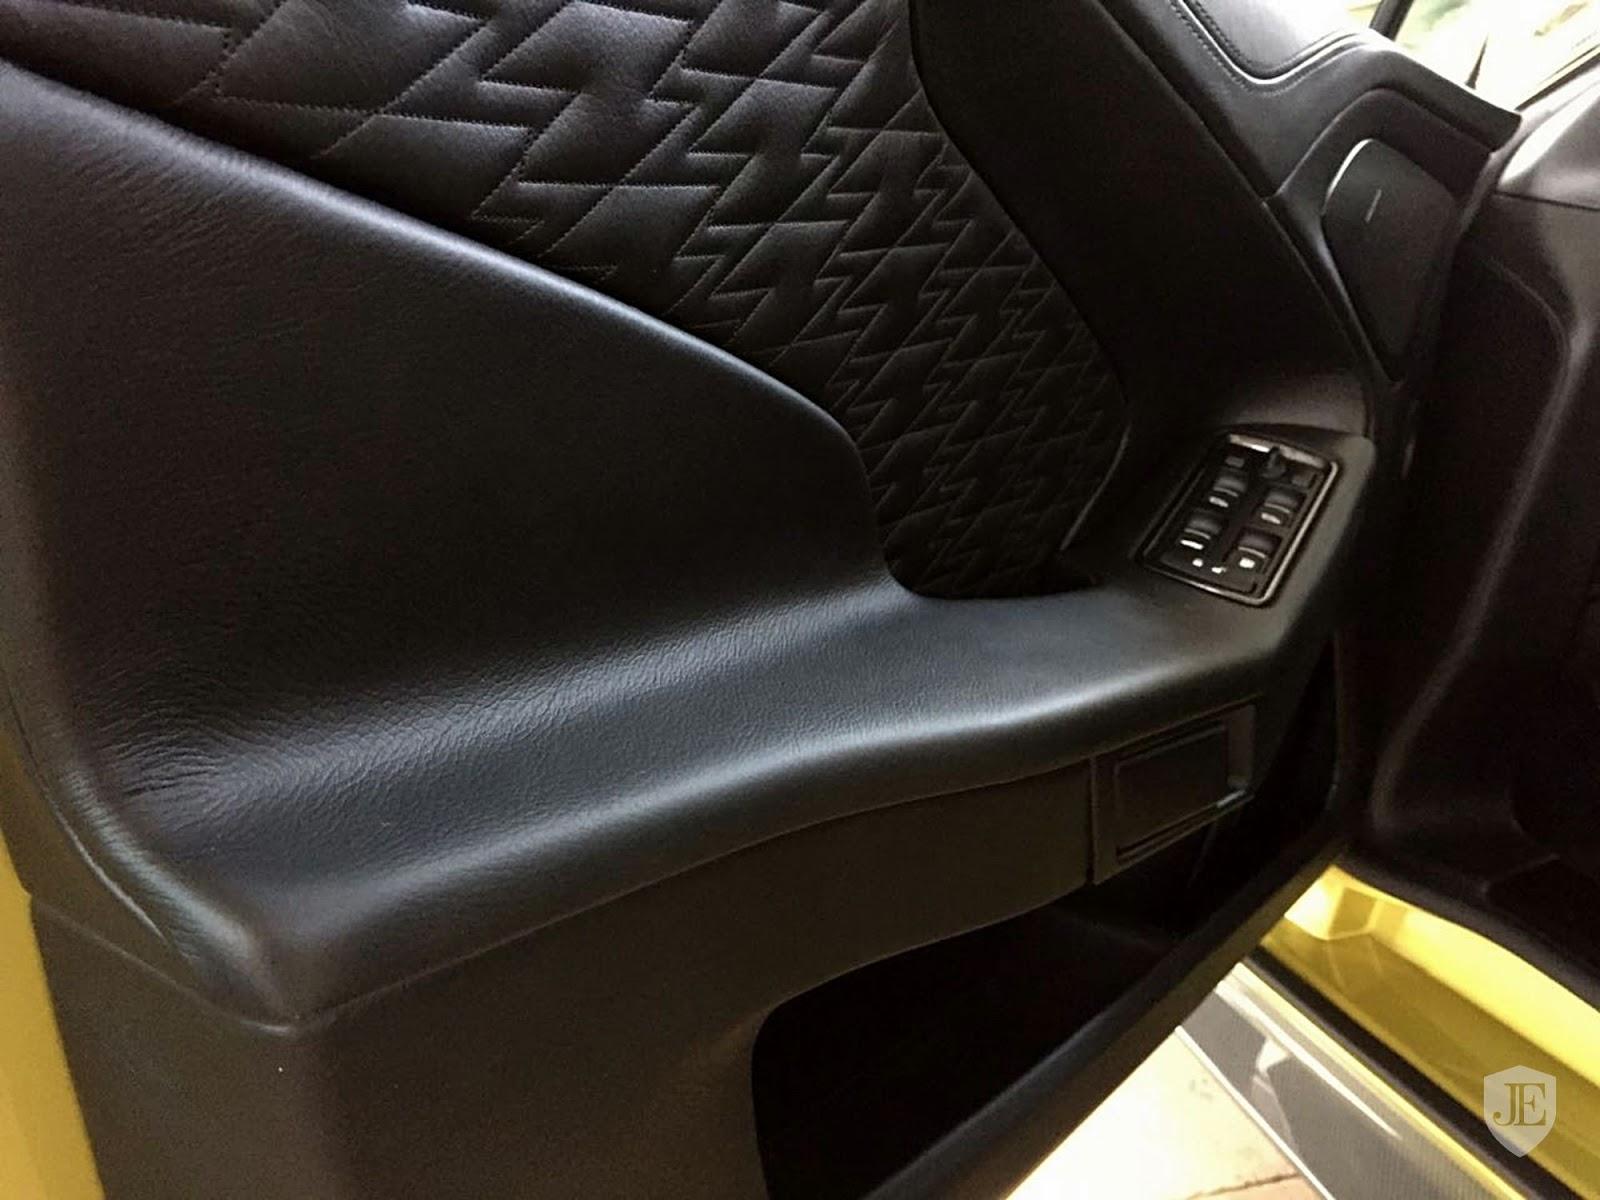 Aston Martin Vanquish Zagato yellow (7)